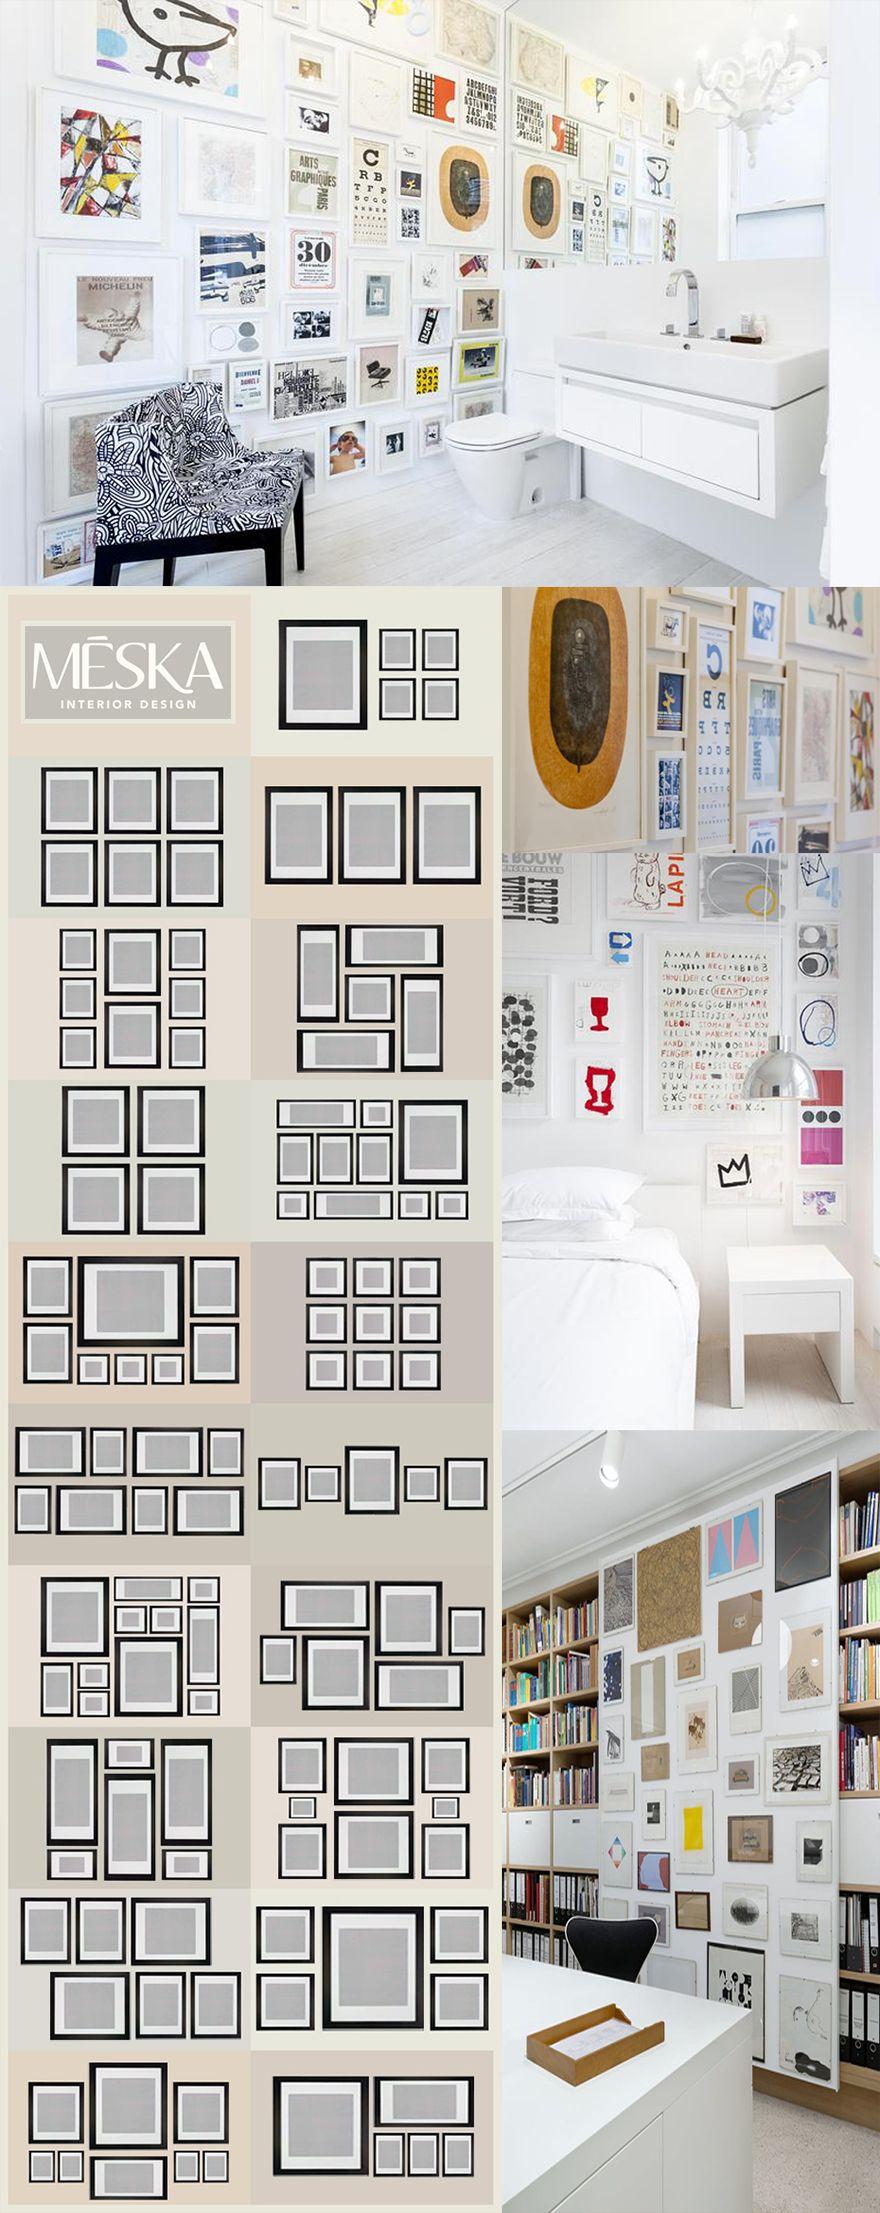 comment accrocher des cadres au mur tout en donnant du style a la pi ce voici quelques exemple. Black Bedroom Furniture Sets. Home Design Ideas